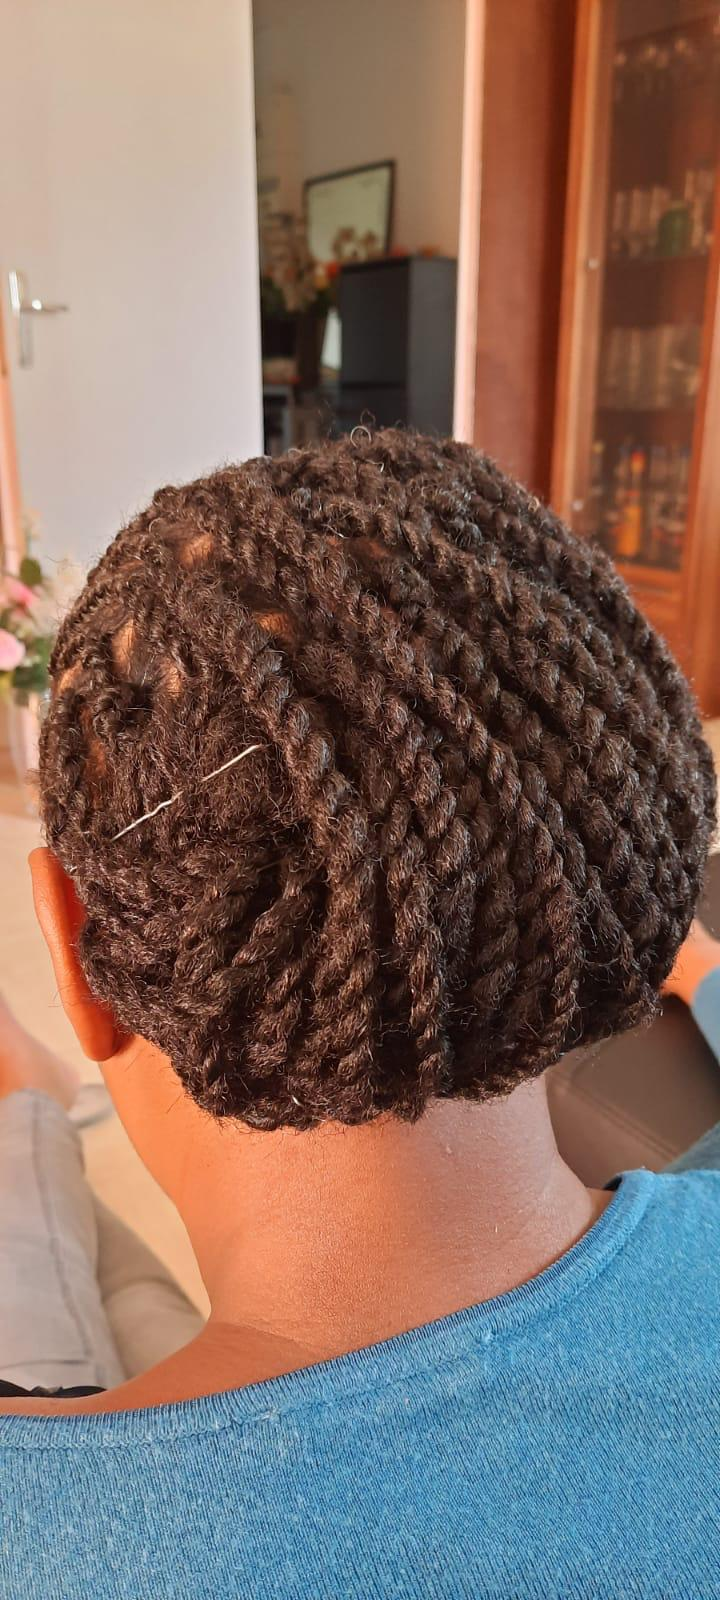 salon de coiffure afro tresse tresses box braids crochet braids vanilles tissages paris 75 77 78 91 92 93 94 95 NICRSAXU